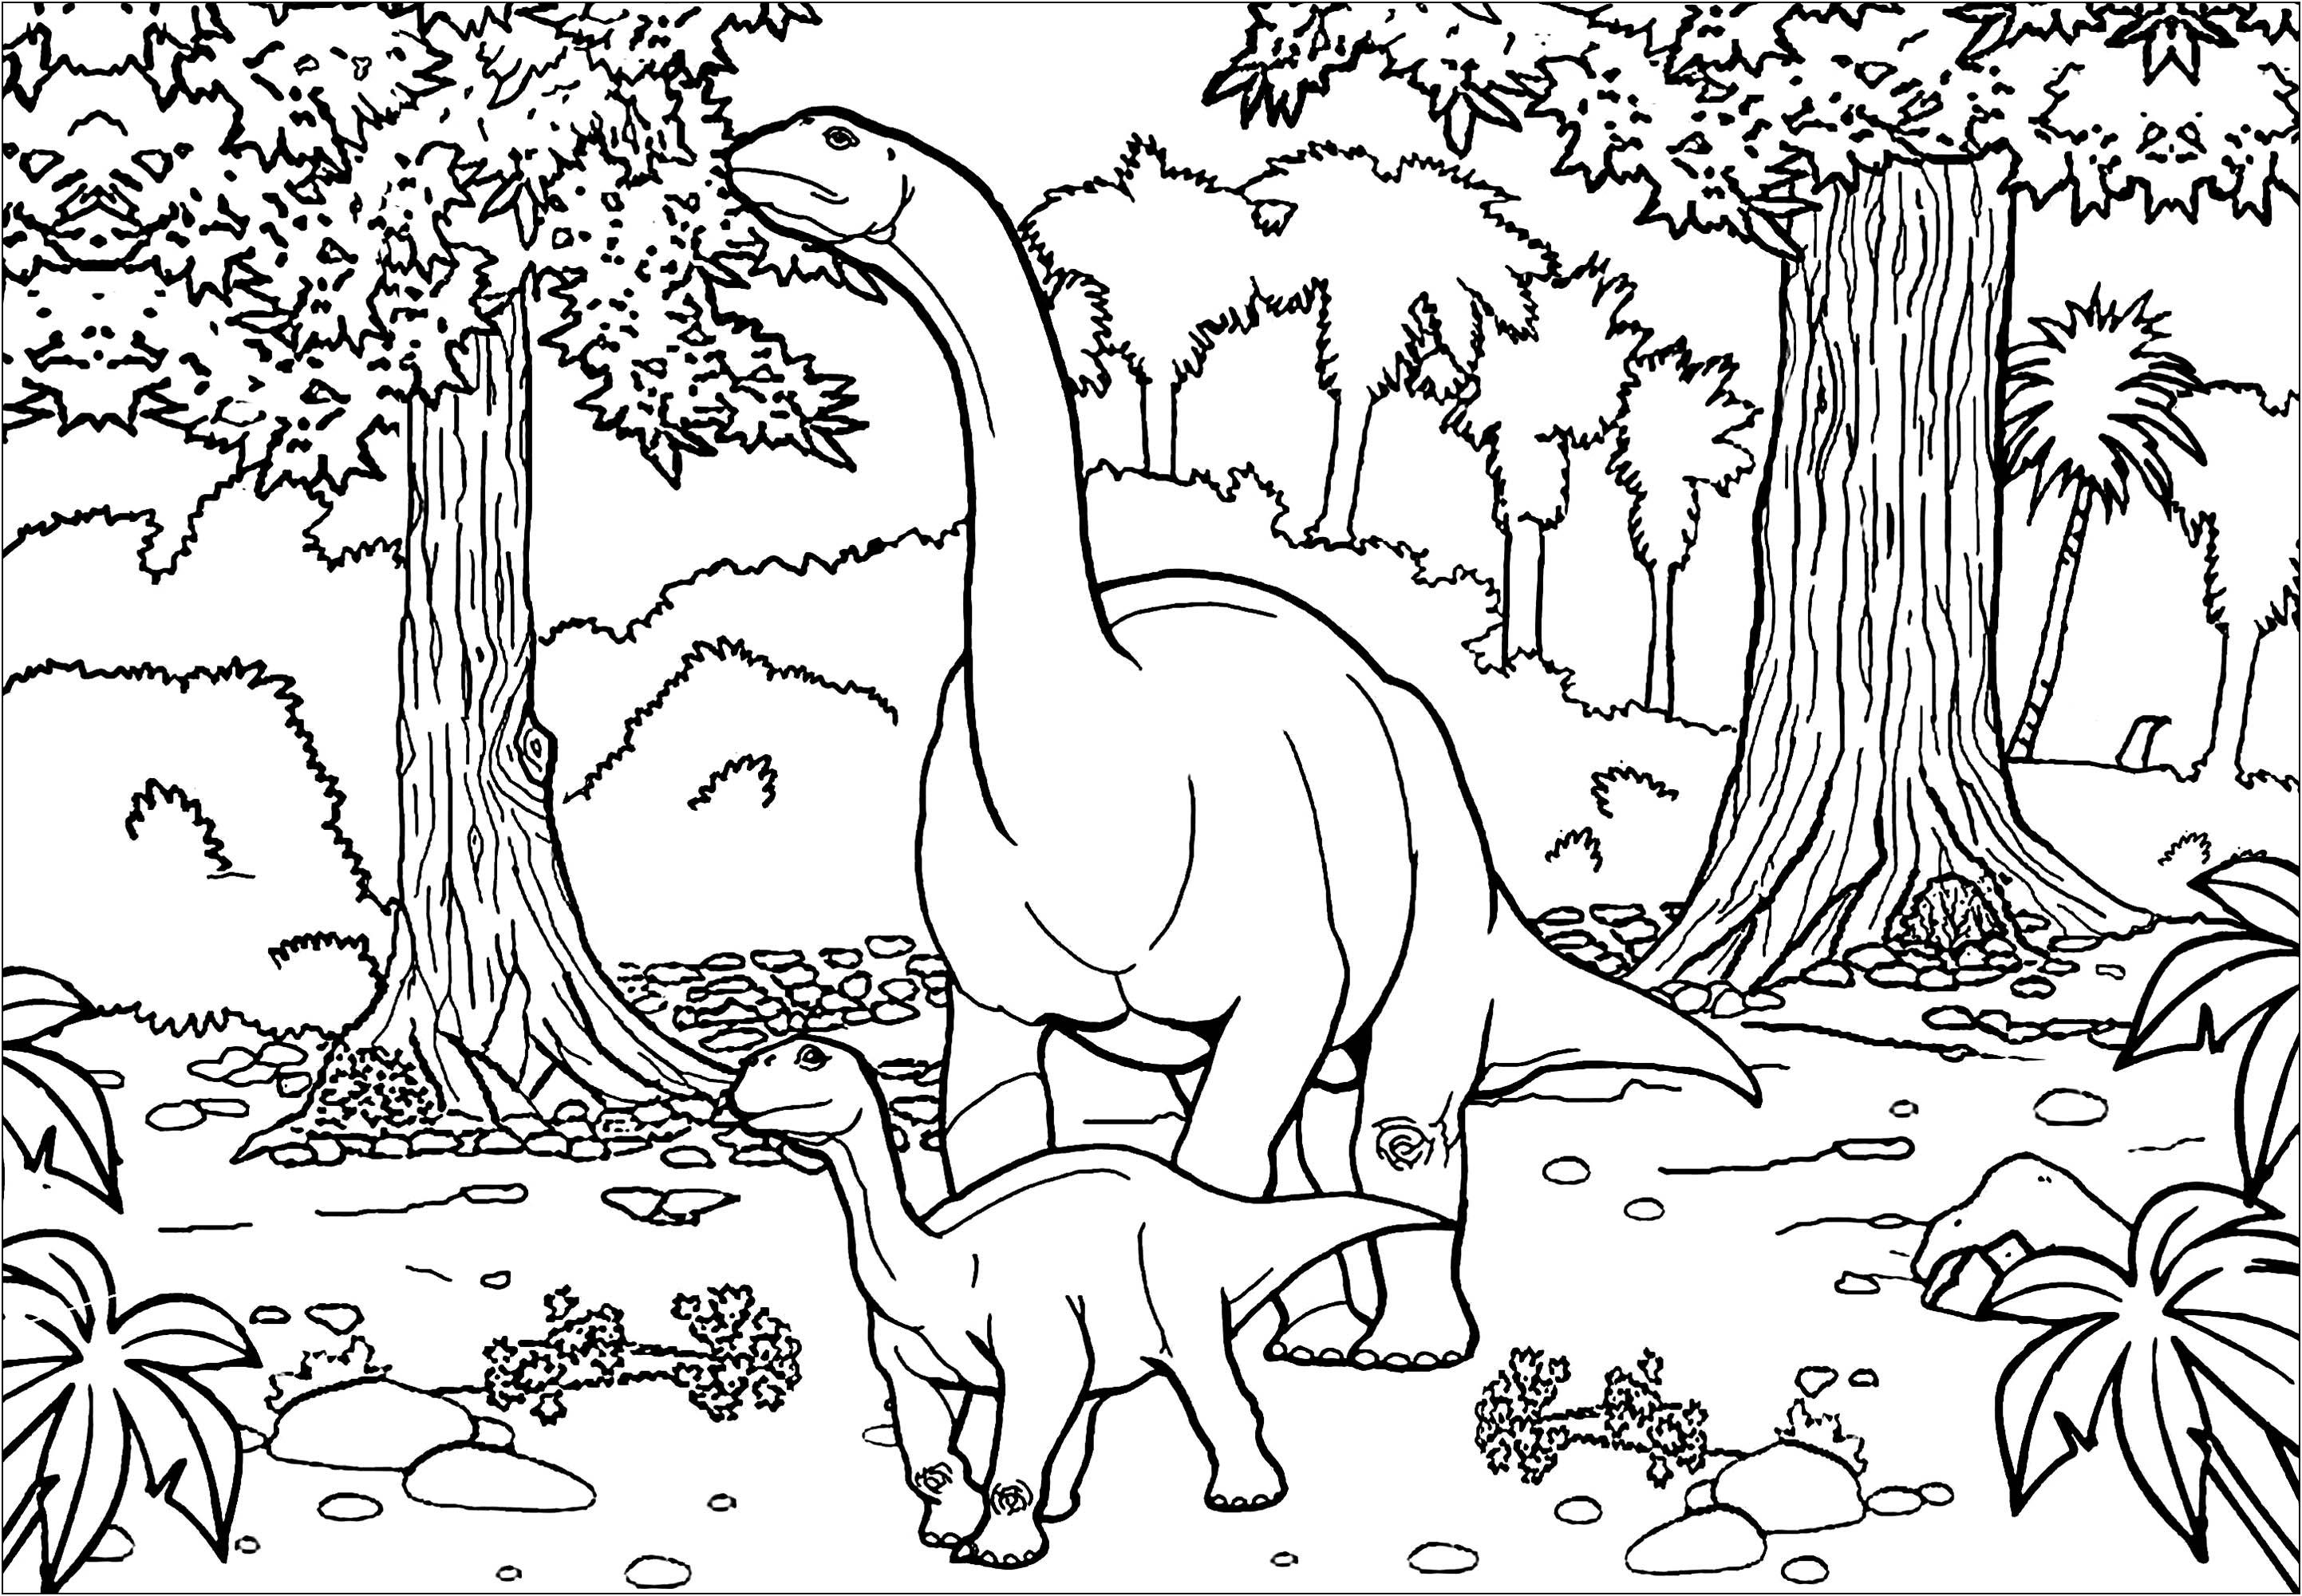 Infantil Dibujo De Dinosaurio Para Pintar Novocom Top Colorea online con dibujos.net y podrás compartir y crear tu propia galería de dibujos pintados de dinosaurios. infantil dibujo de dinosaurio para